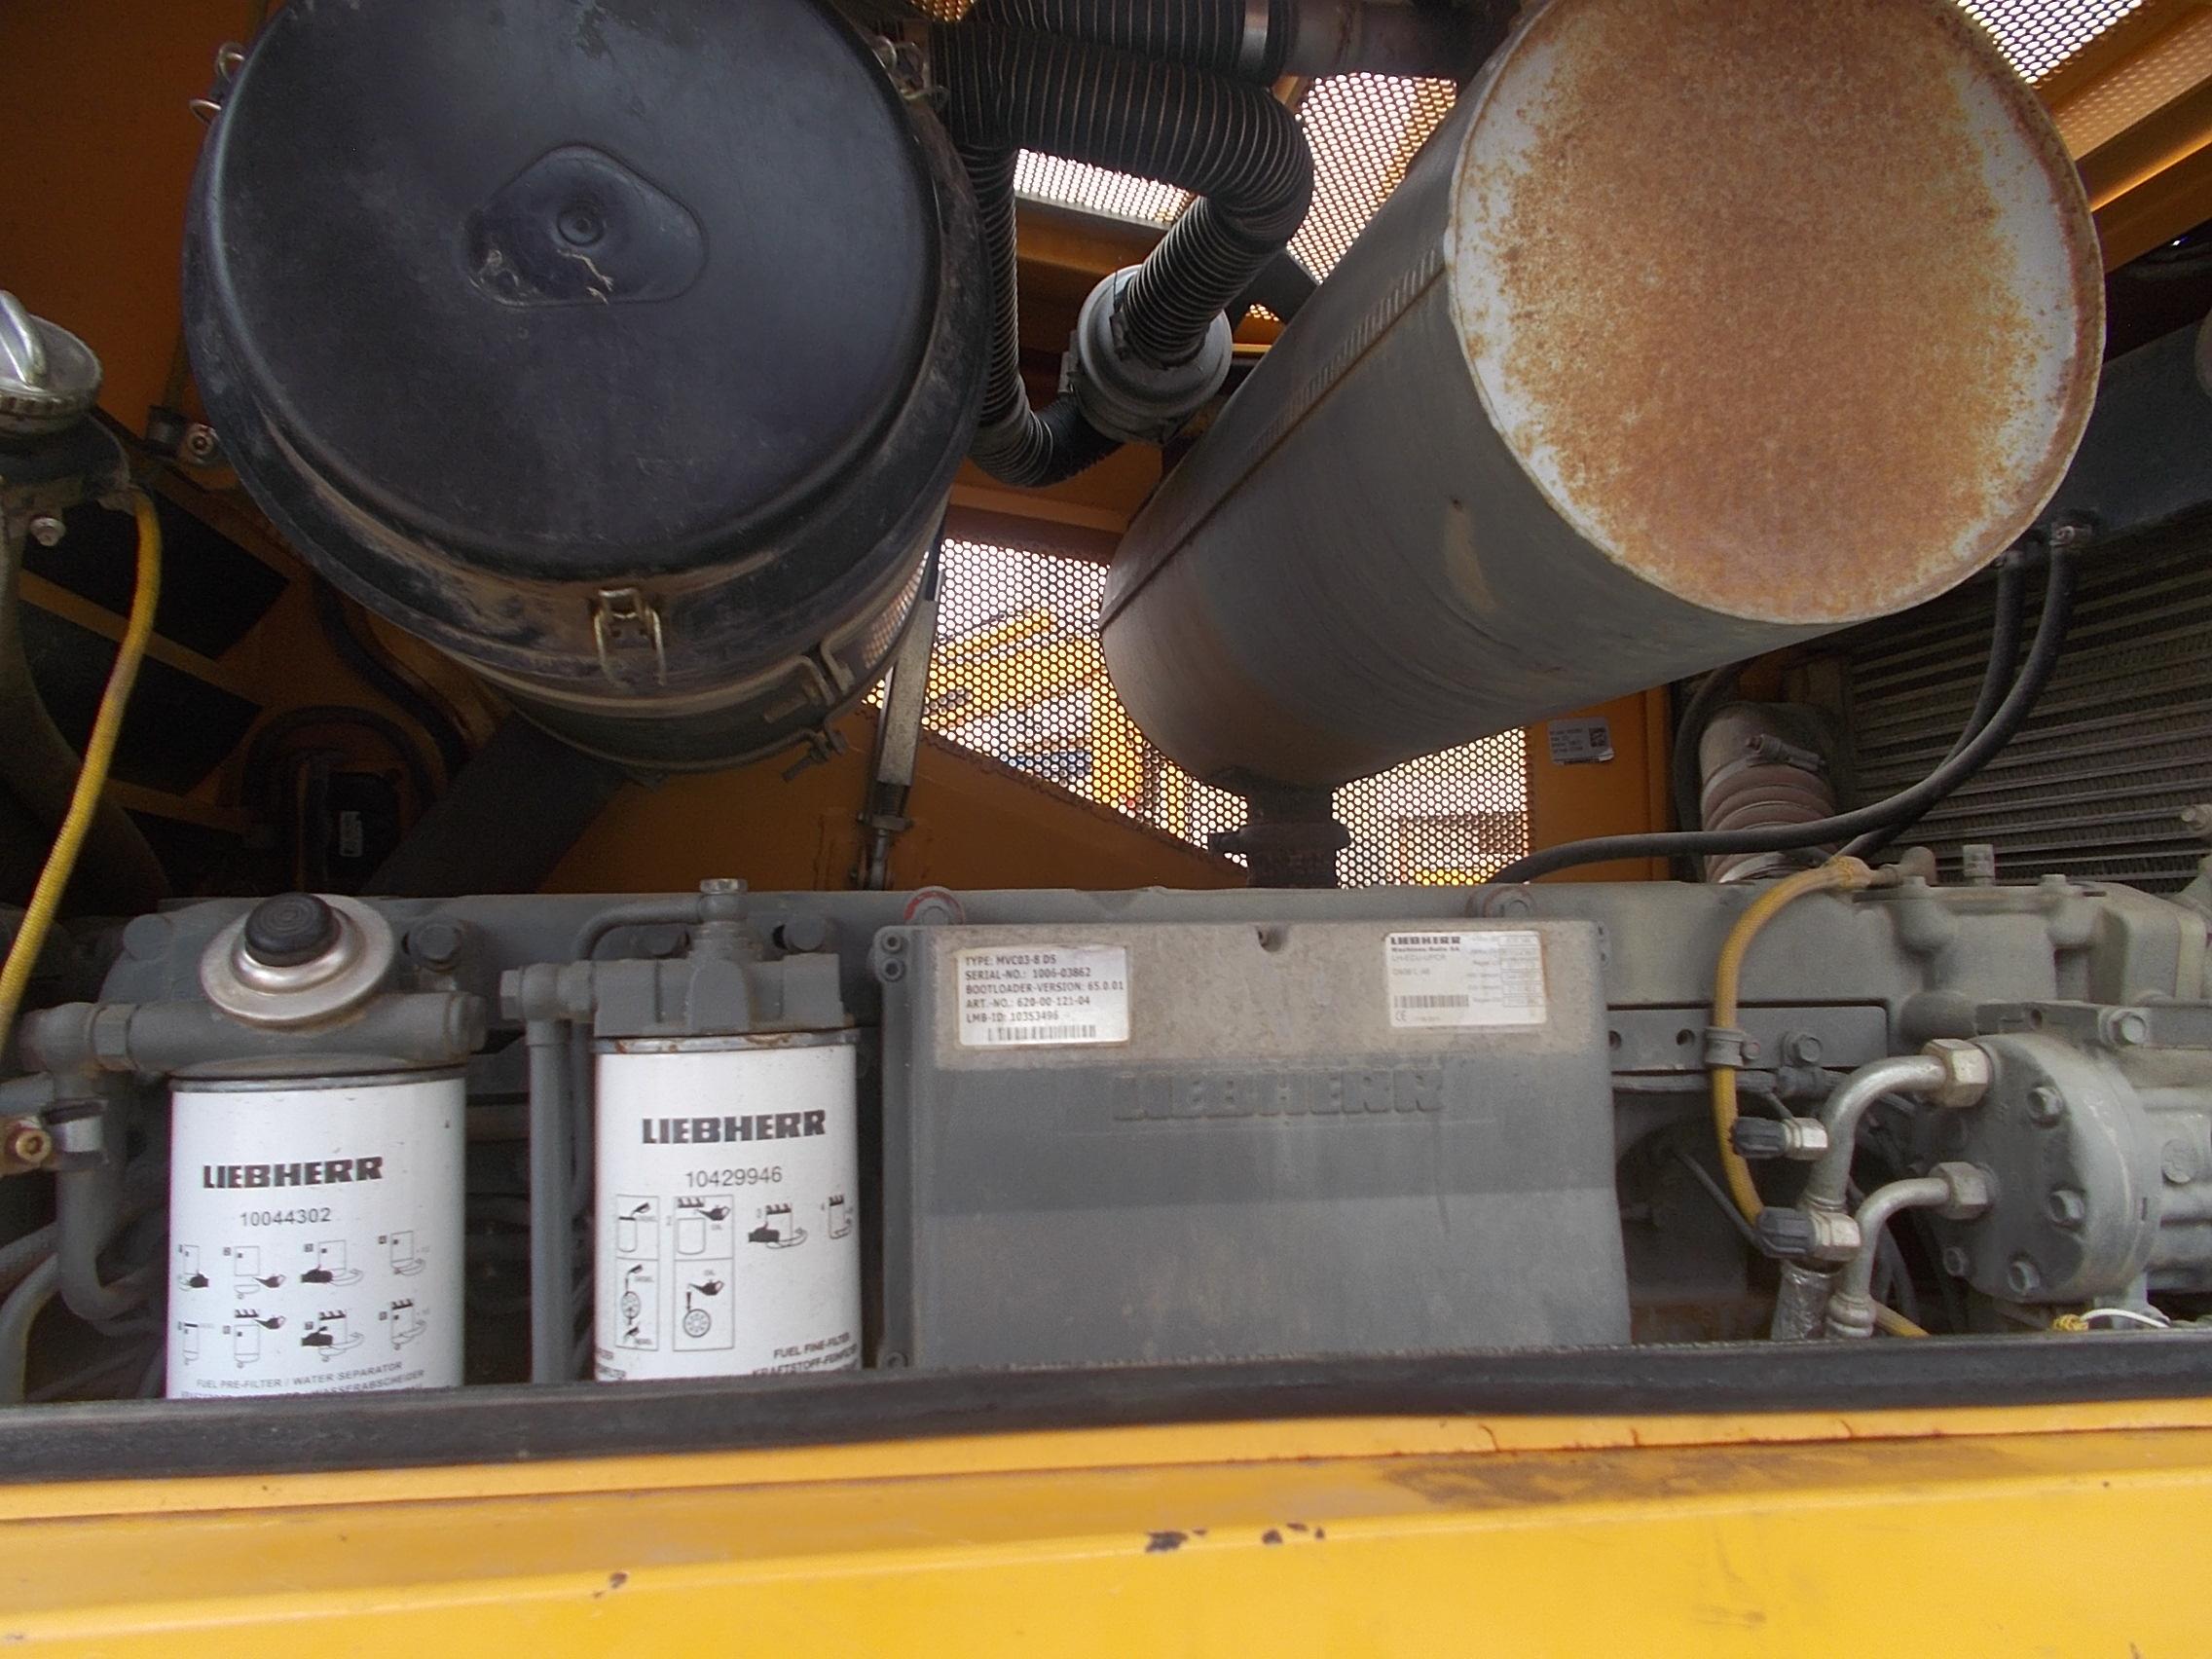 PR734 LGP LI-726-12462_007.JPG